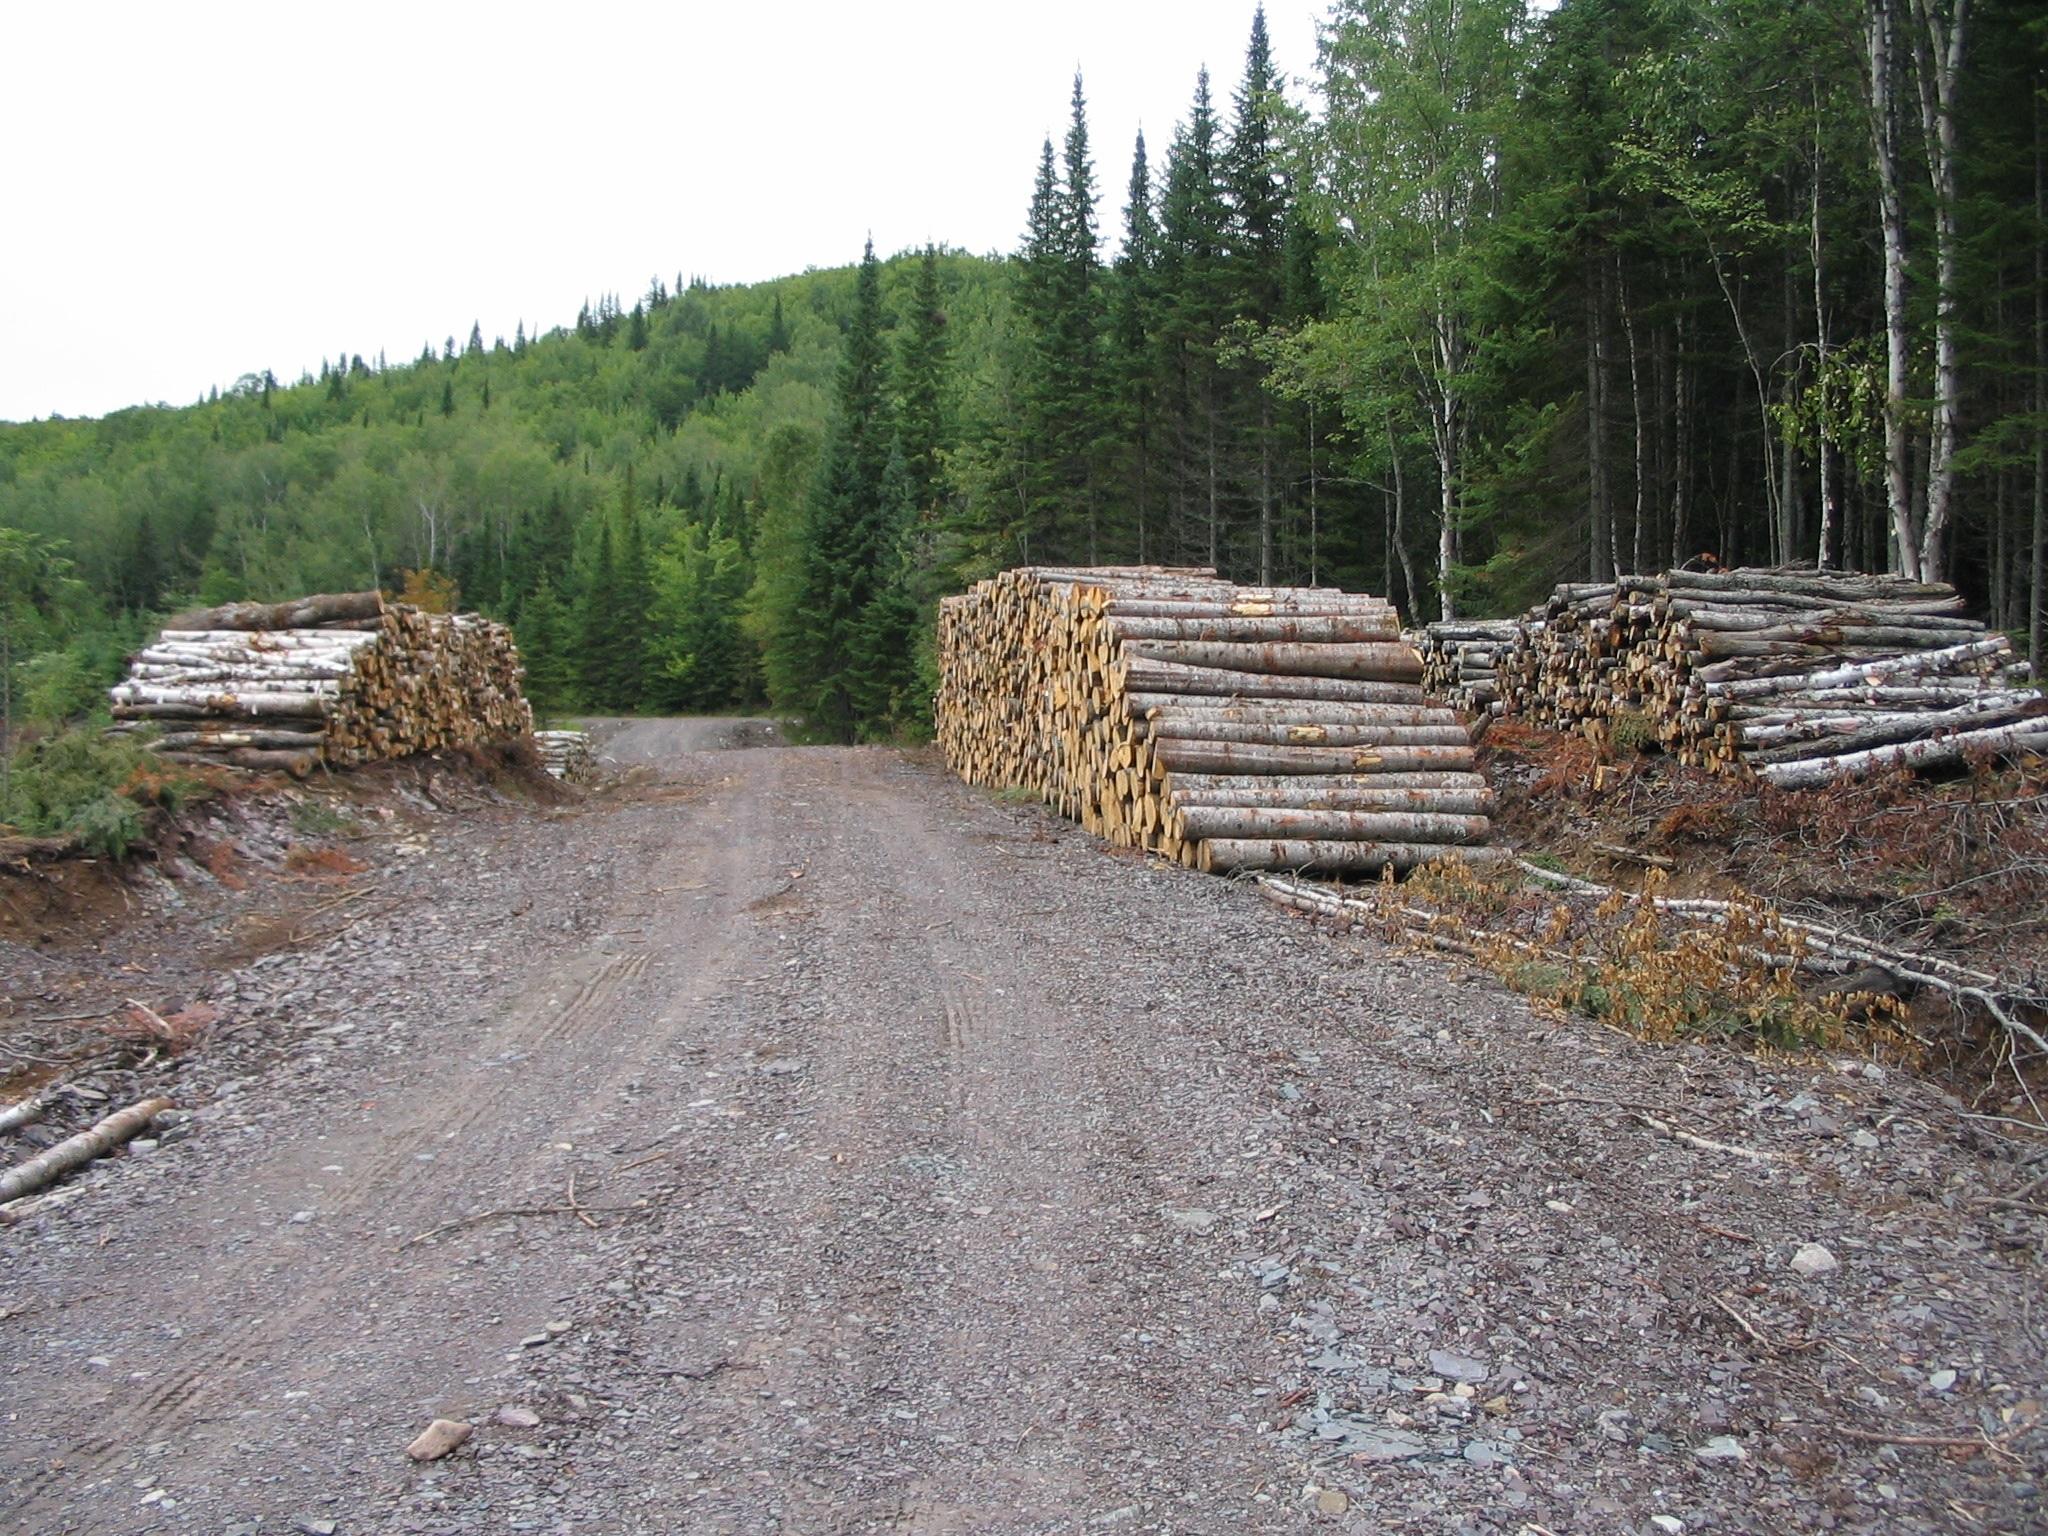 L'Agence régionale de mise en valeur des forêts privées du Bas-Saint-Laurent veut stimuler l'intérêt des propriétaires de lots boisés privés à se prévaloir des avantages que procure le statut de producteur forestier.